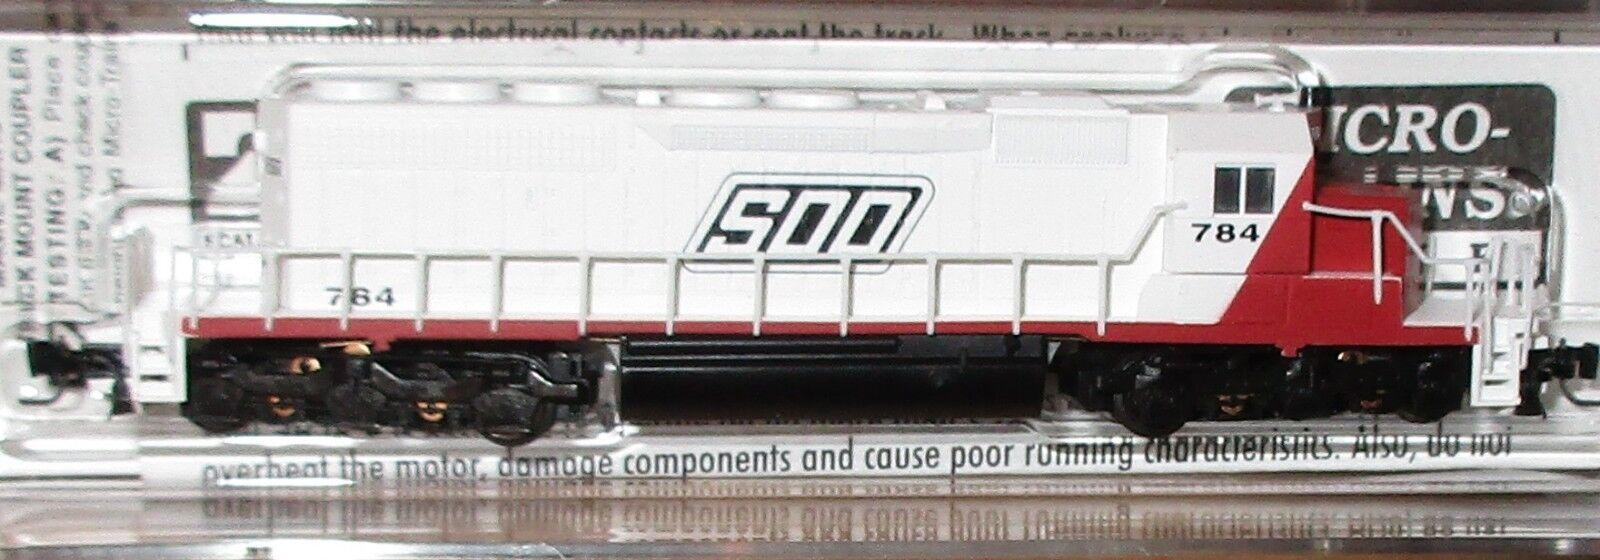 70% de descuento Escala Z Micro-Trains-SD40-2 ferrocarril línea línea línea Soo 784 - 97001170  lo último